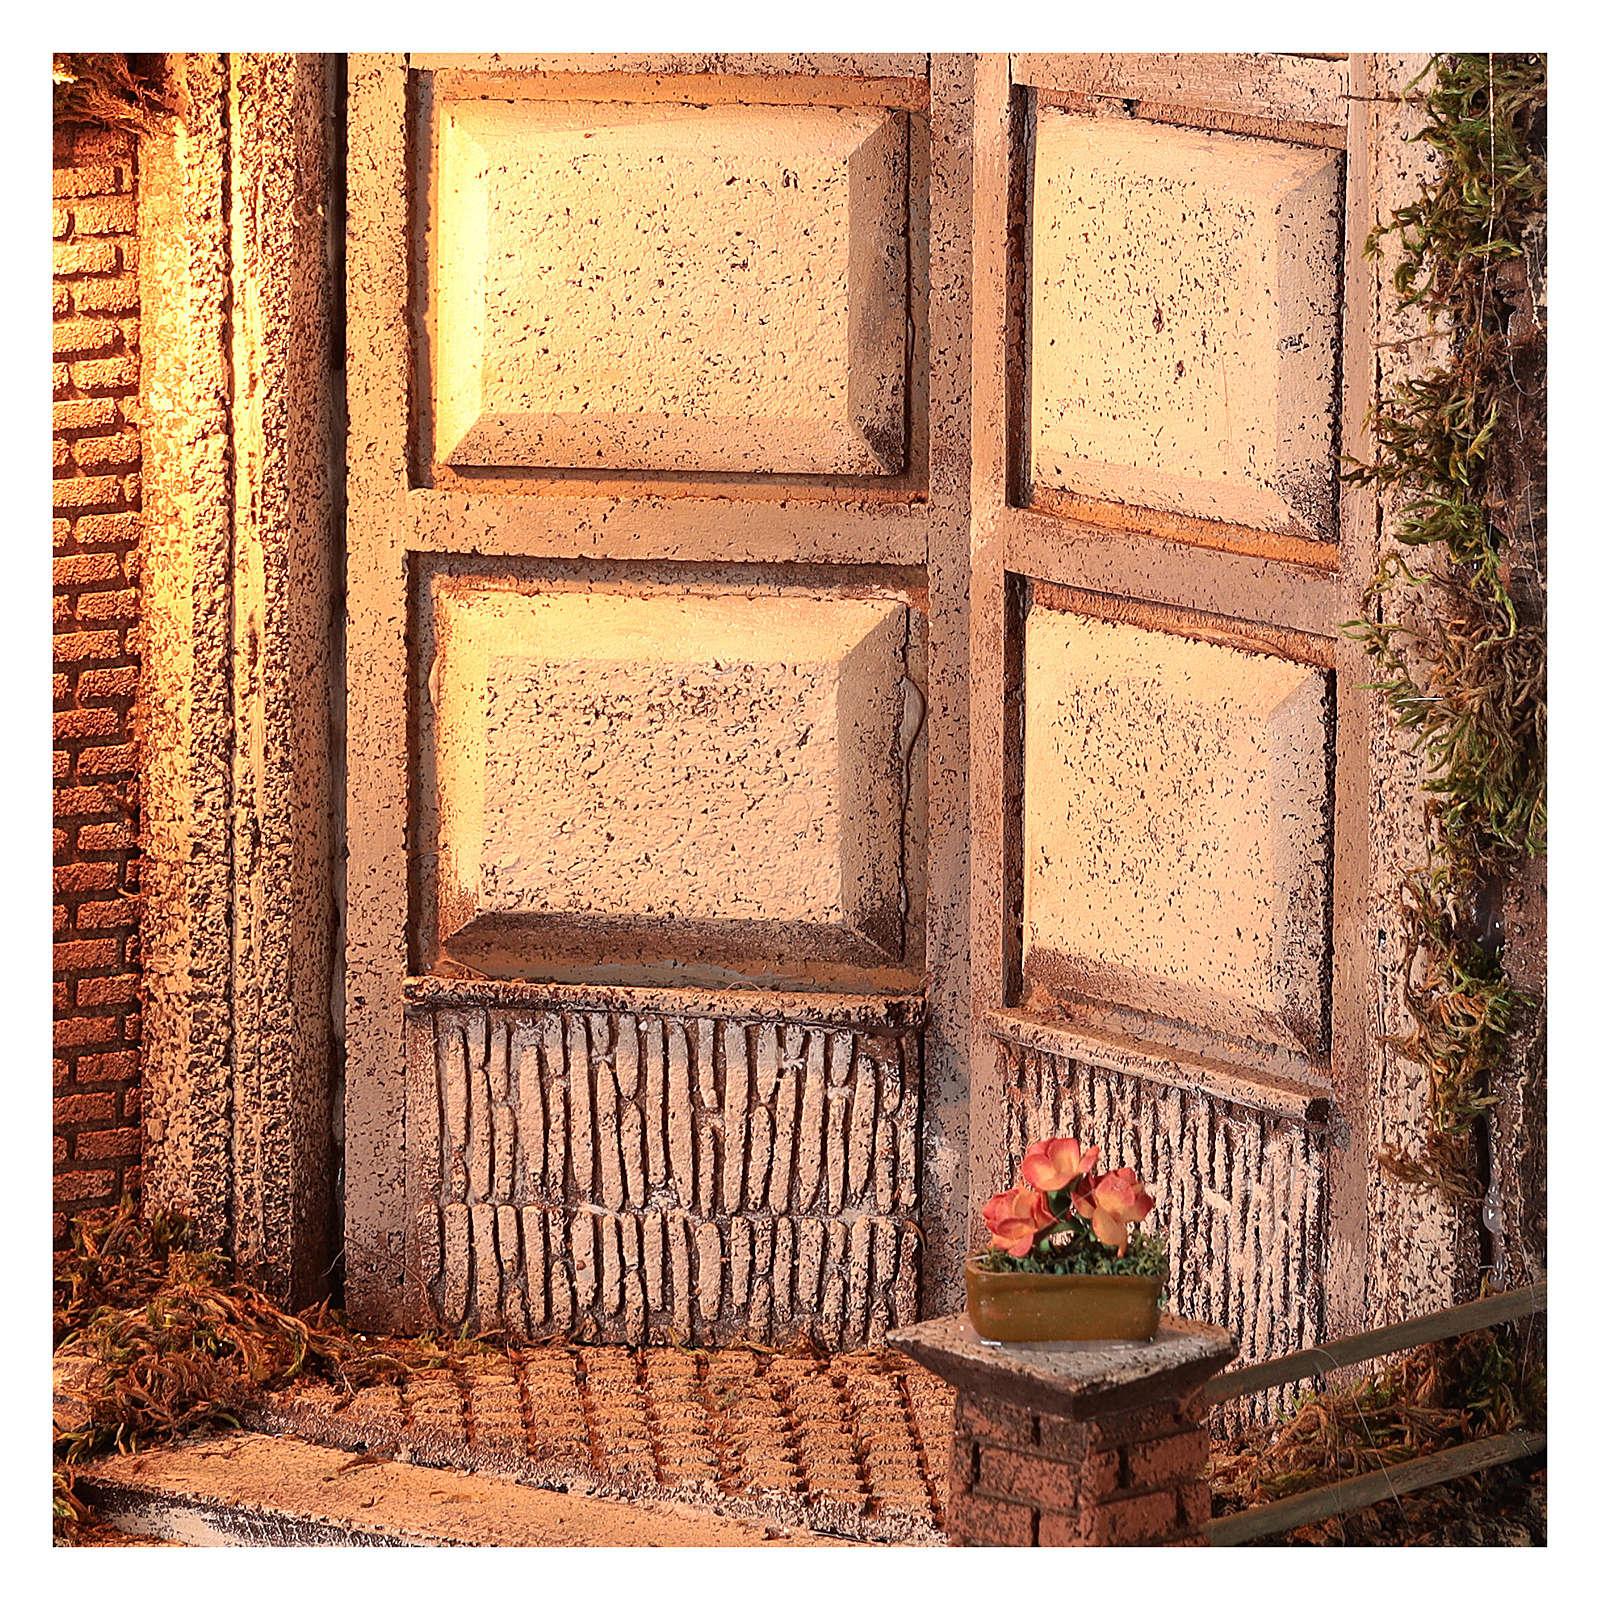 Cabaña con puerta y luz 55x50x35 belén napolitano 24 cm 4